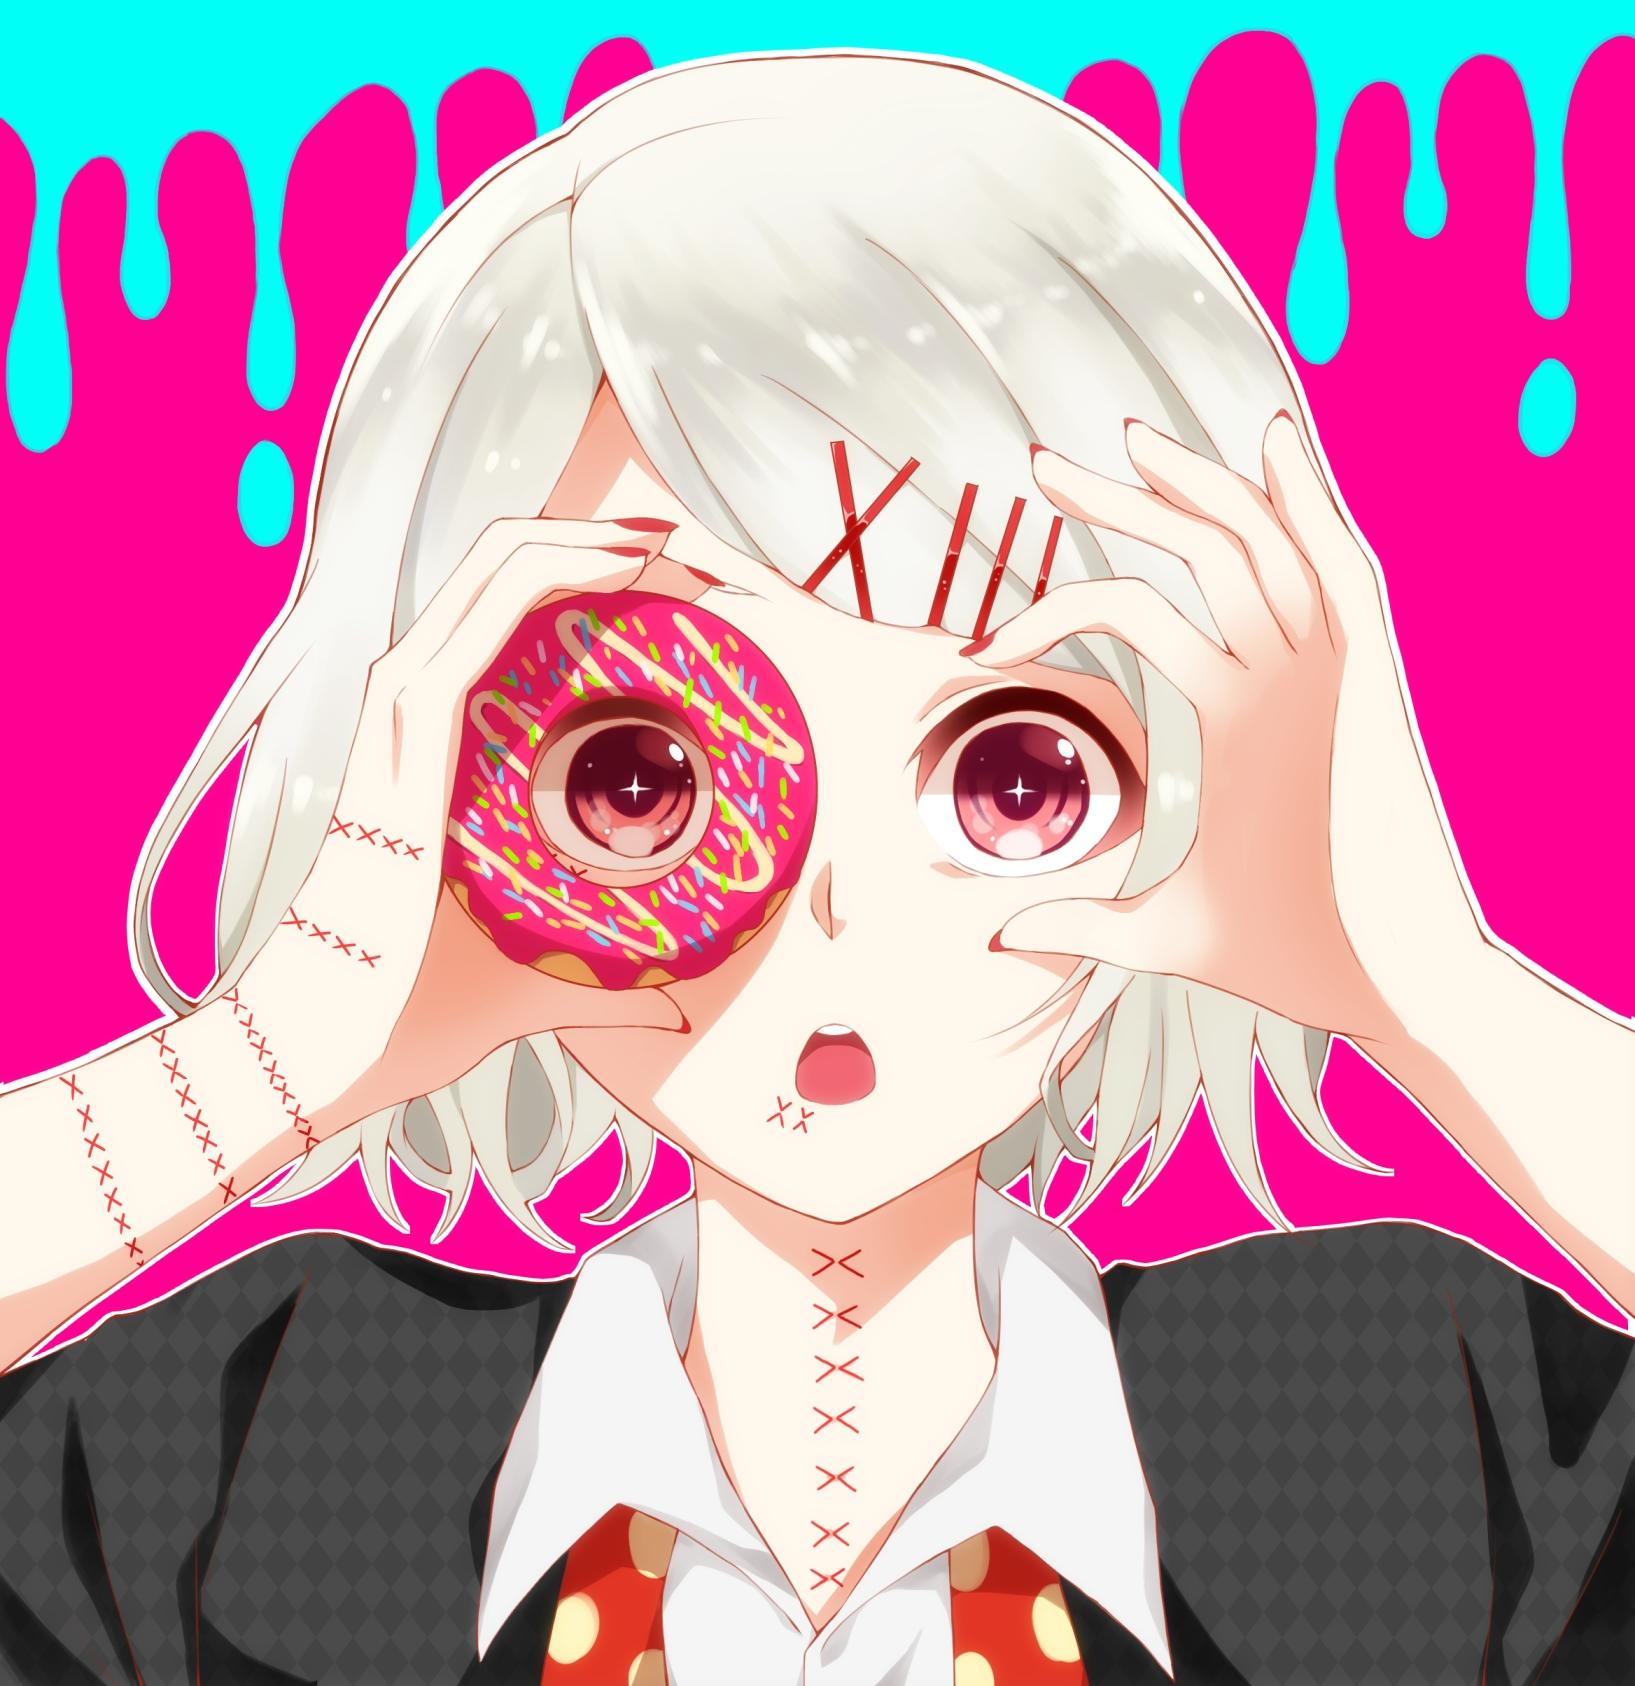 Ảnh anime Suzuya trong Tokyo Ghoul đáng yêu với cái bánh donut hồng